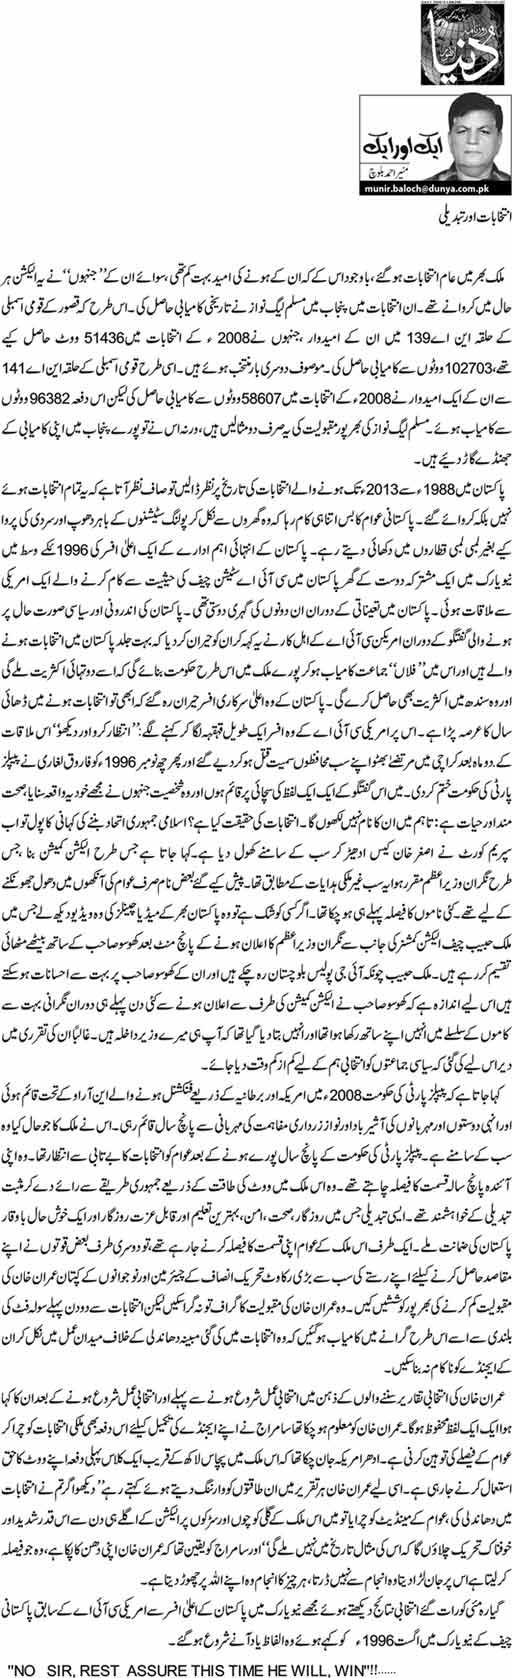 Intikhabaar Aur Tabdeeli - Munir Ahmed Baloch